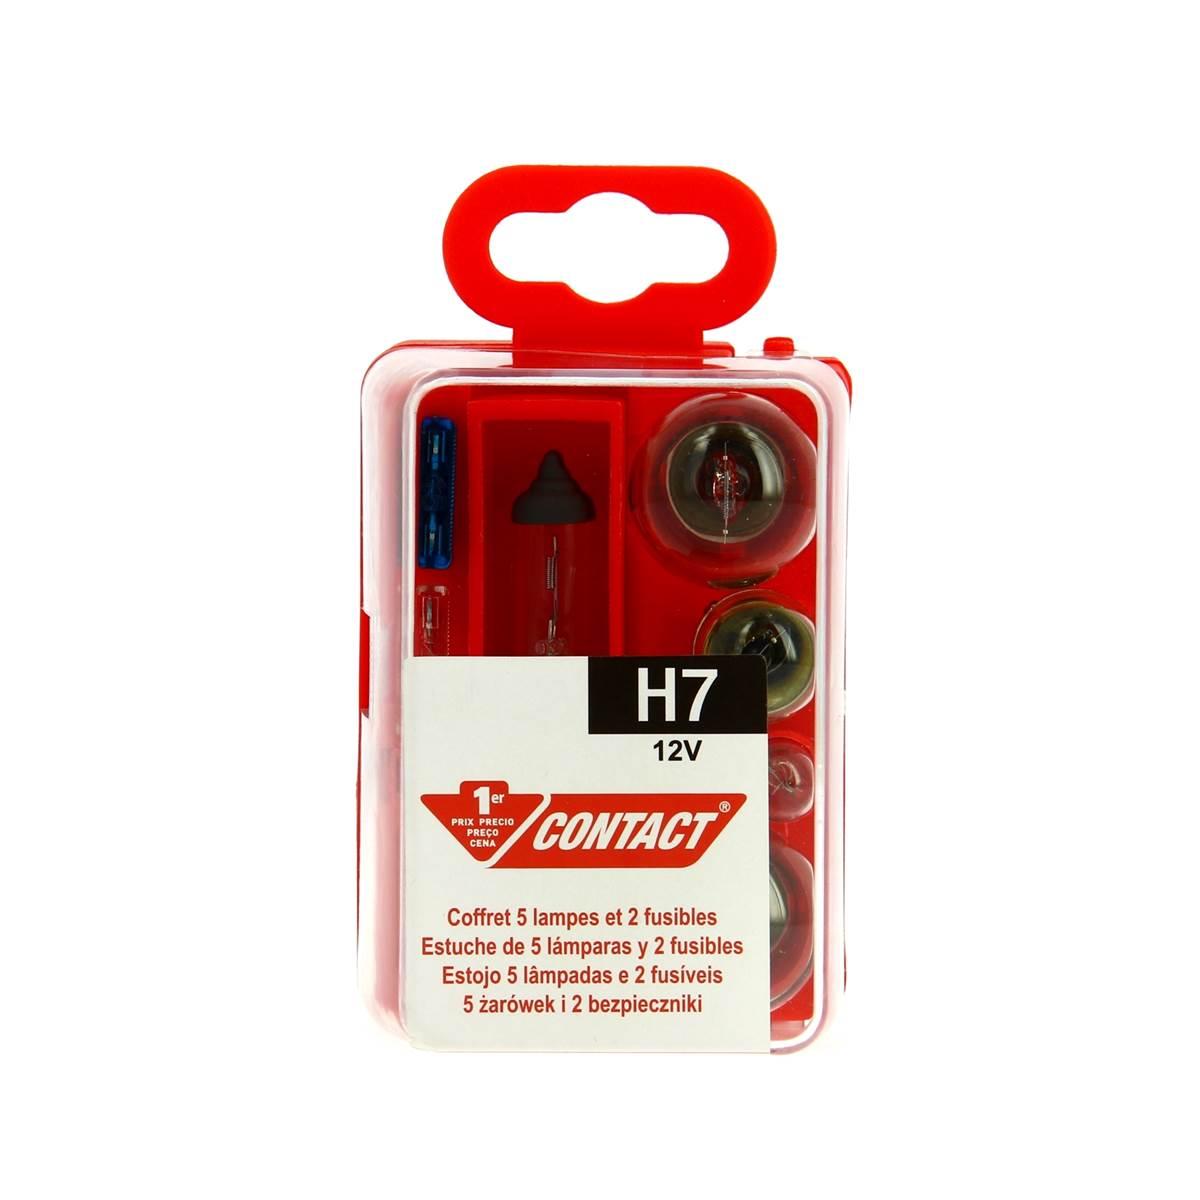 Coffret d'ampoules H7 Contact